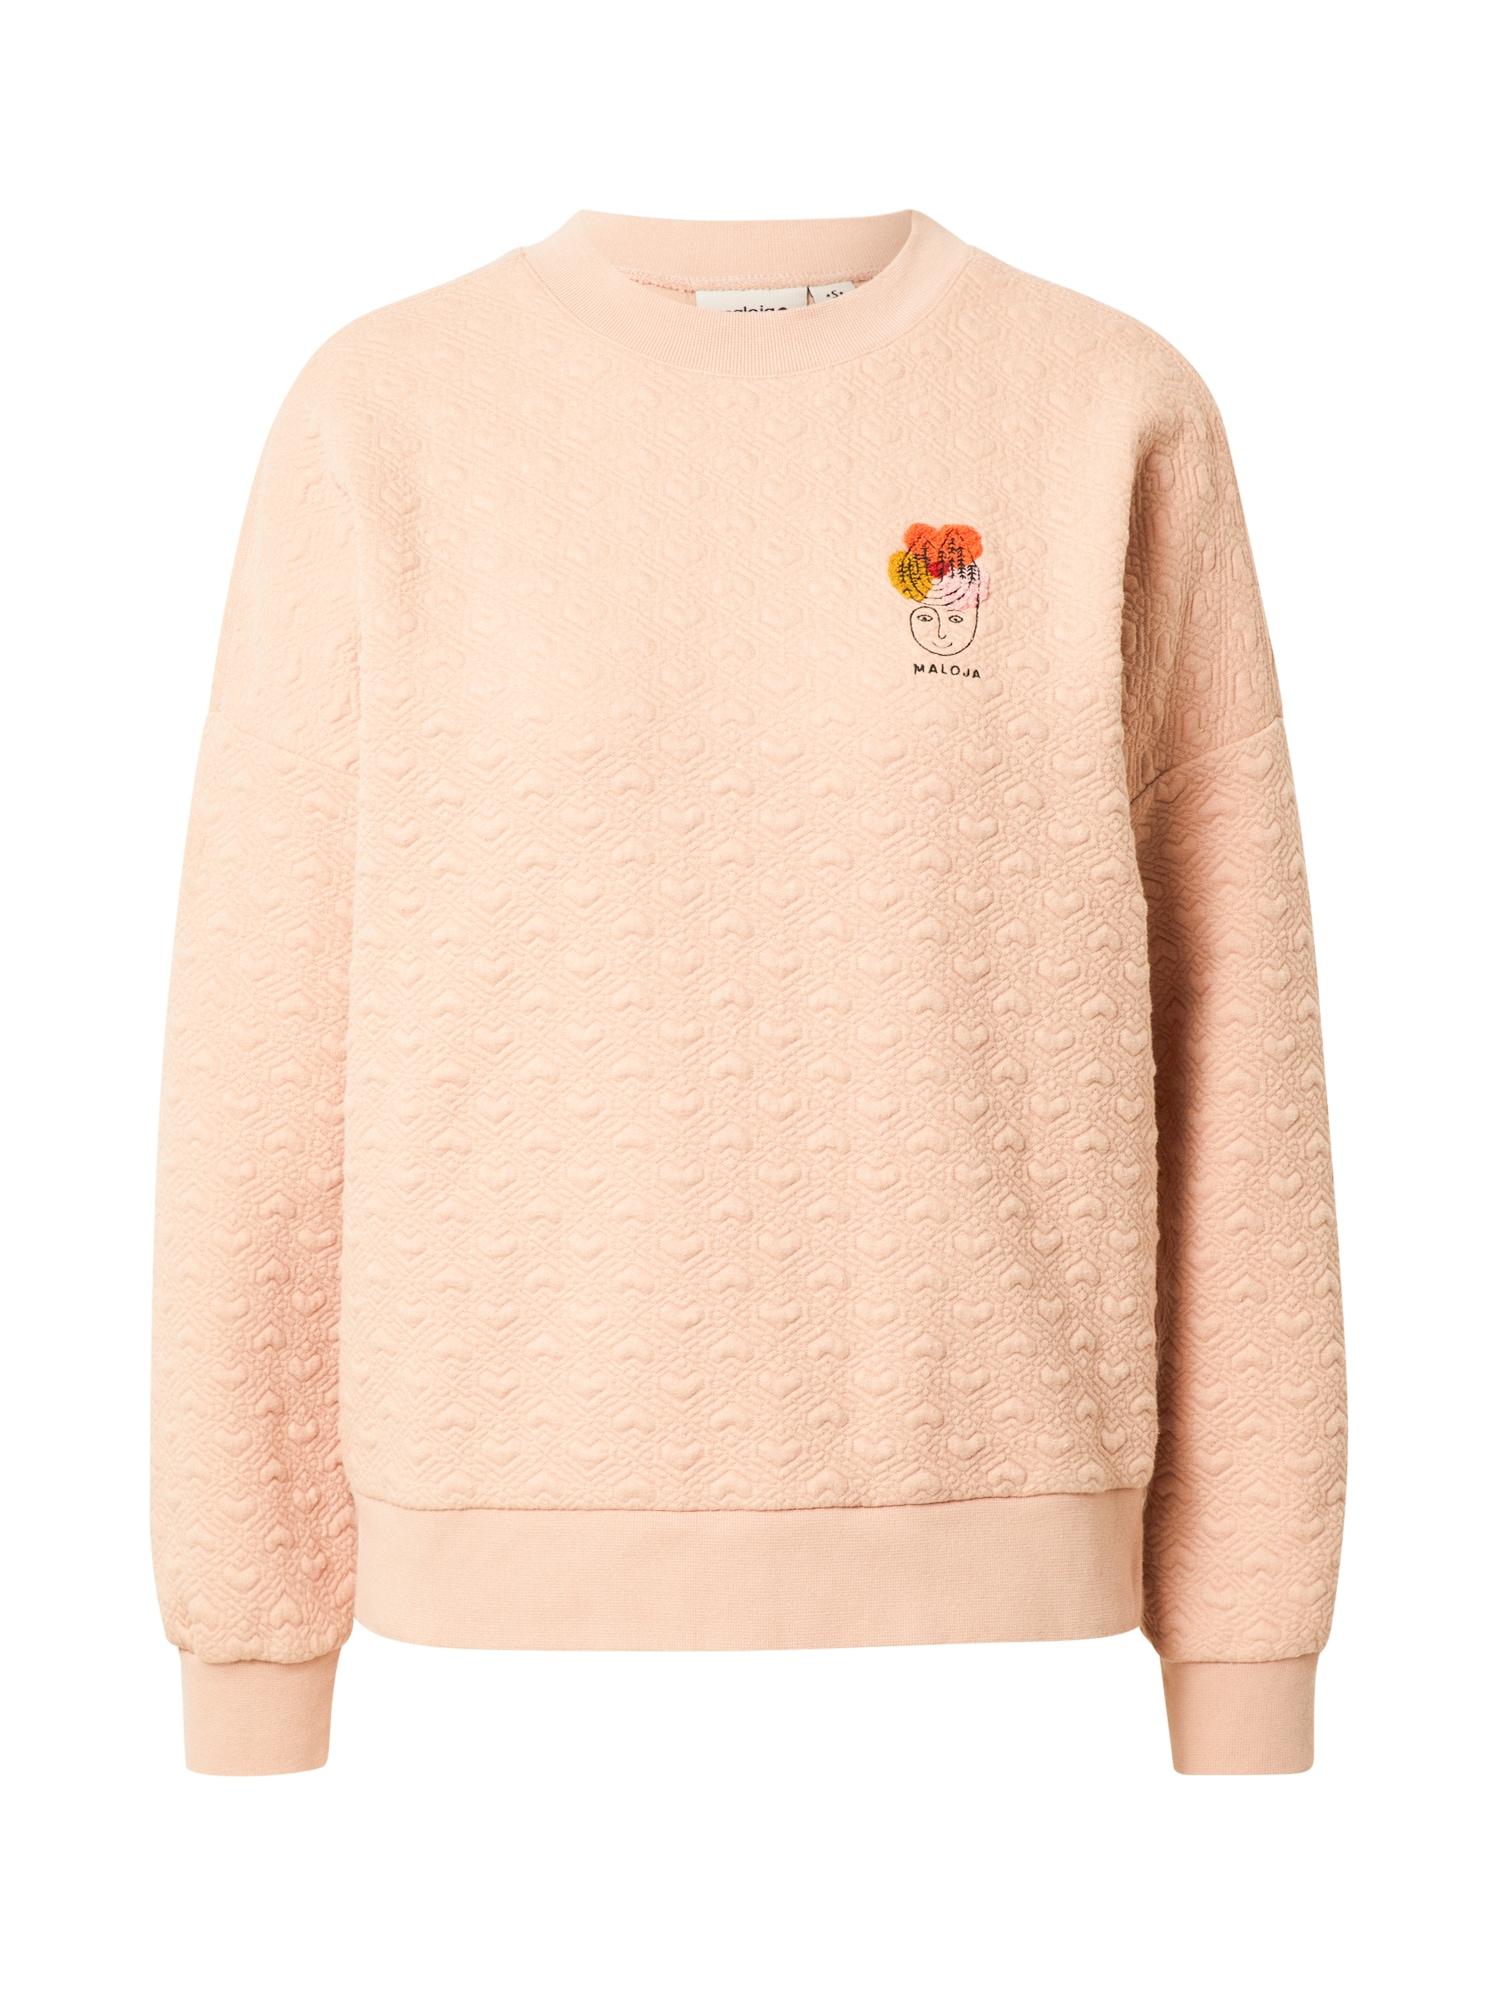 Maloja Sportinio tipo megztinis ryškiai rožinė spalva / oranžinė / šafrano spalva / rožių spalva / juoda